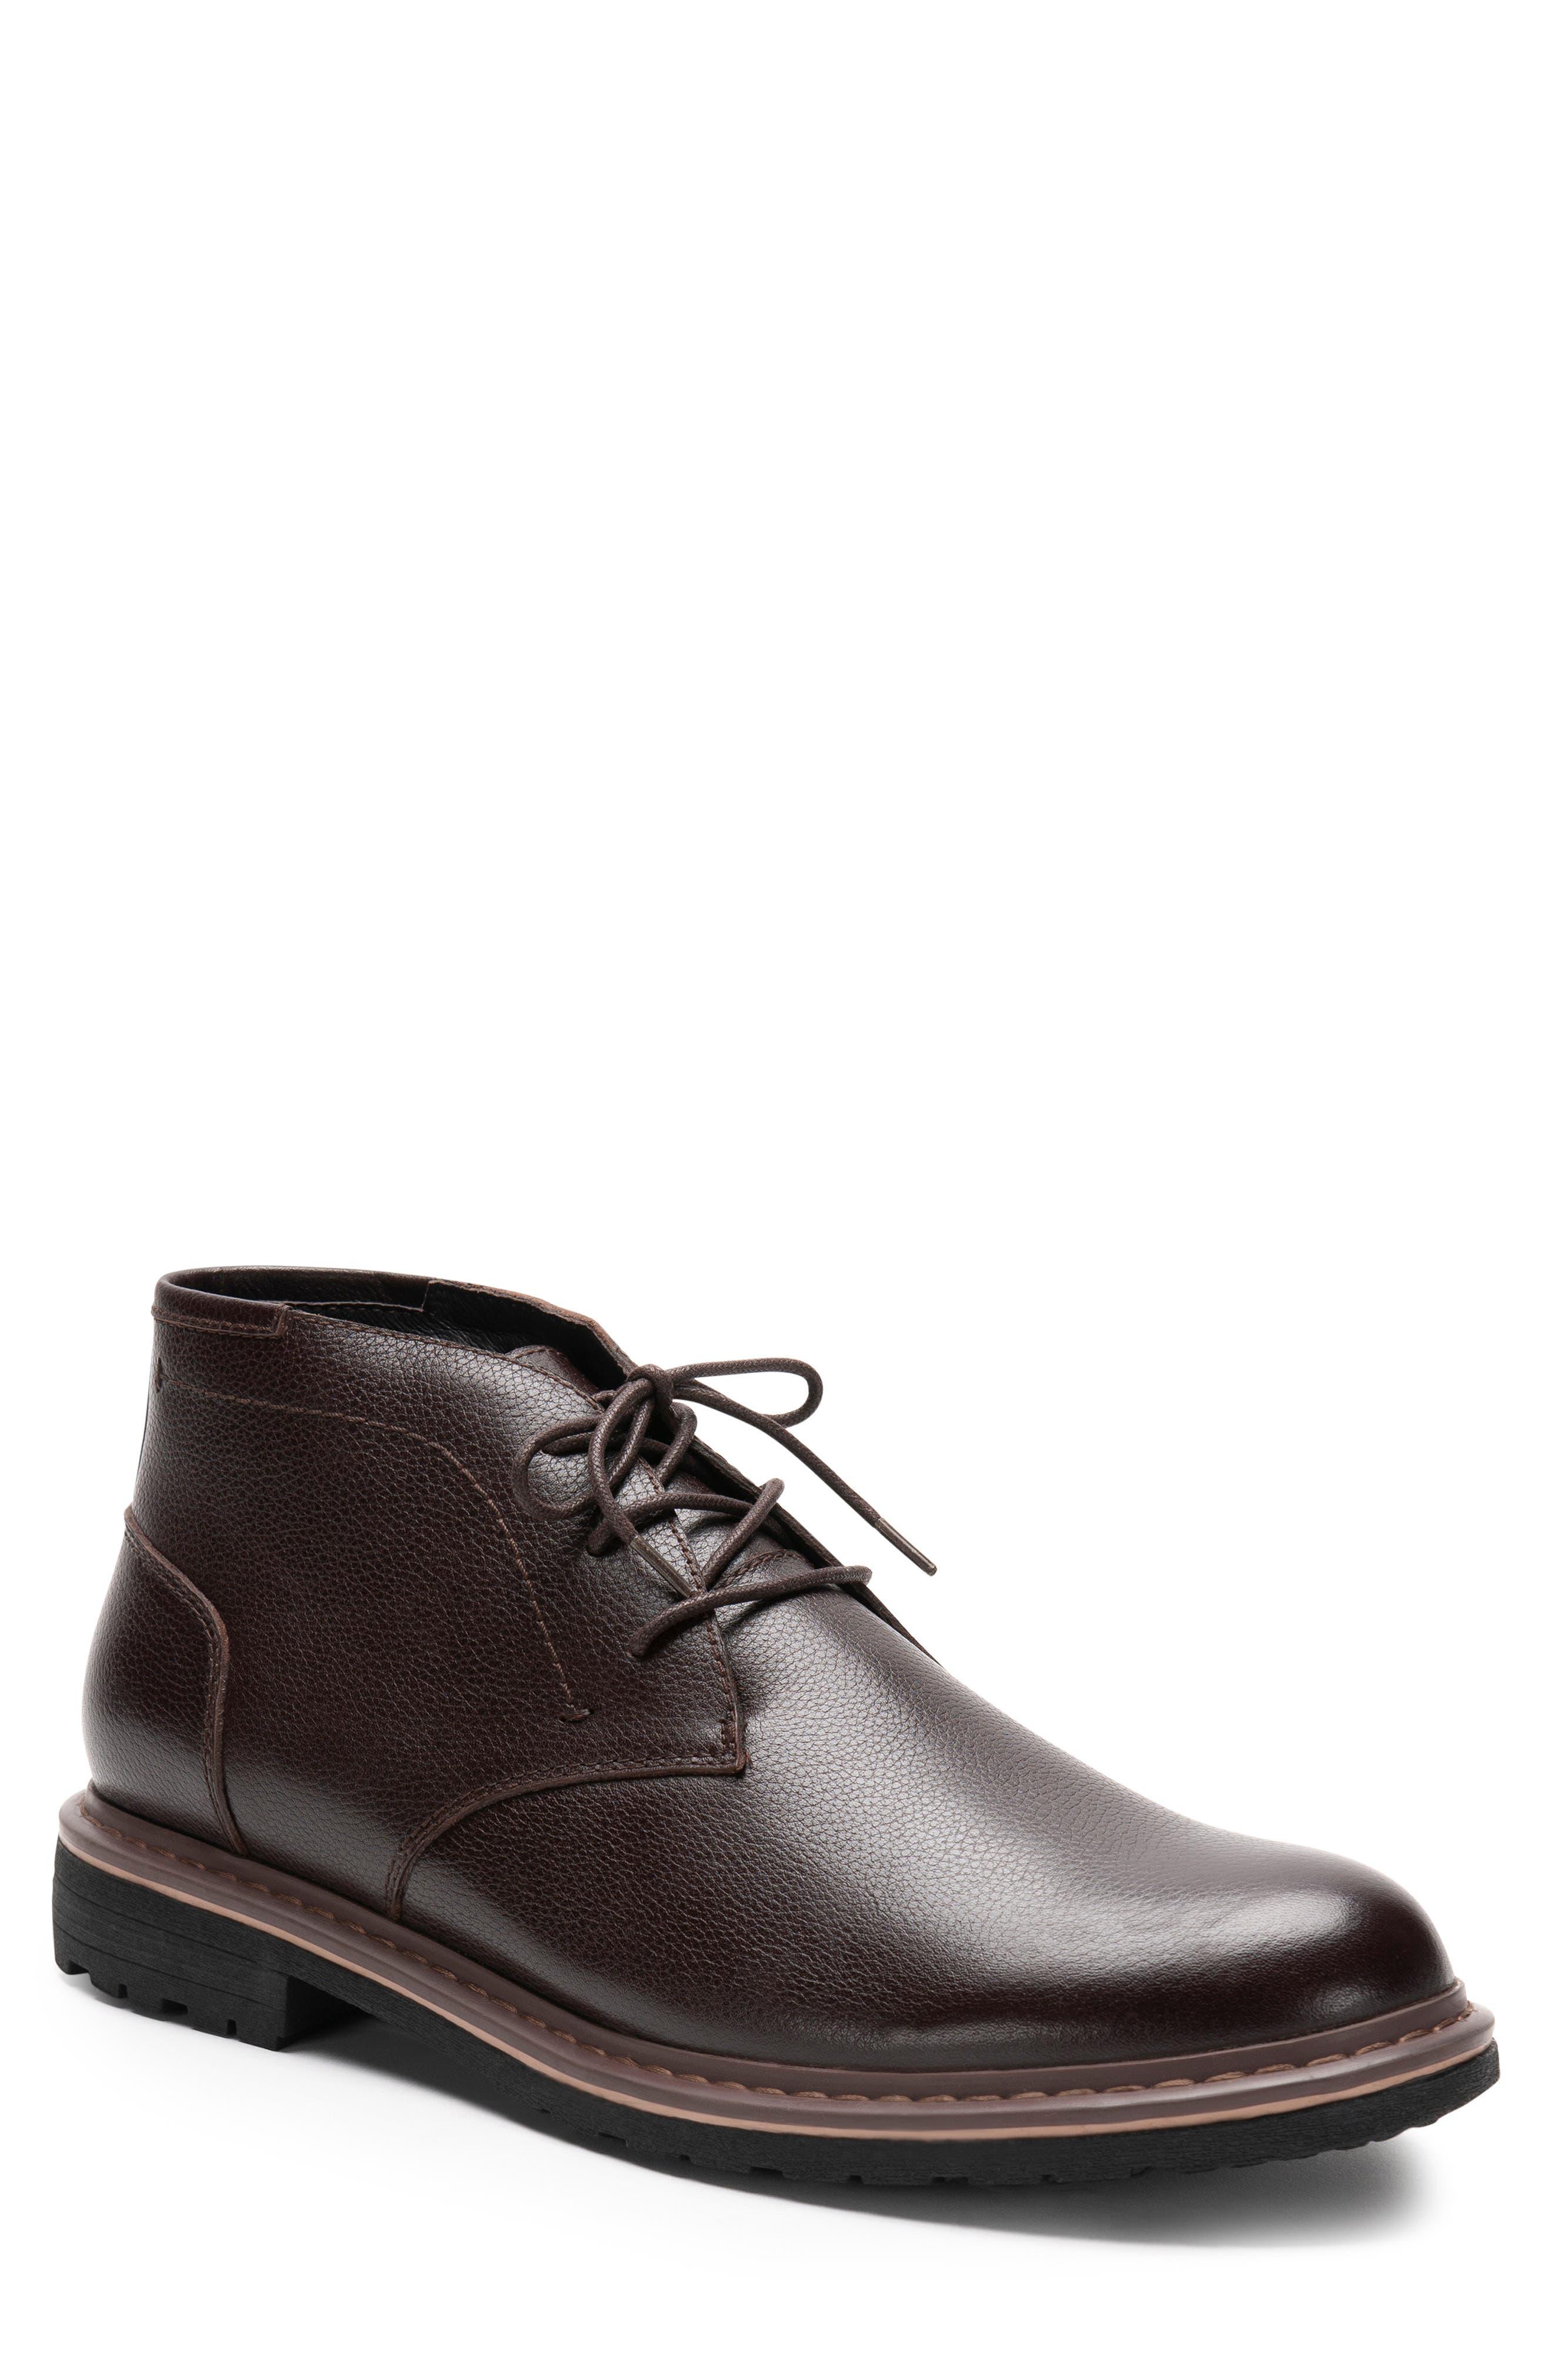 Blondo Max Chukka Waterproof Boot- Brown